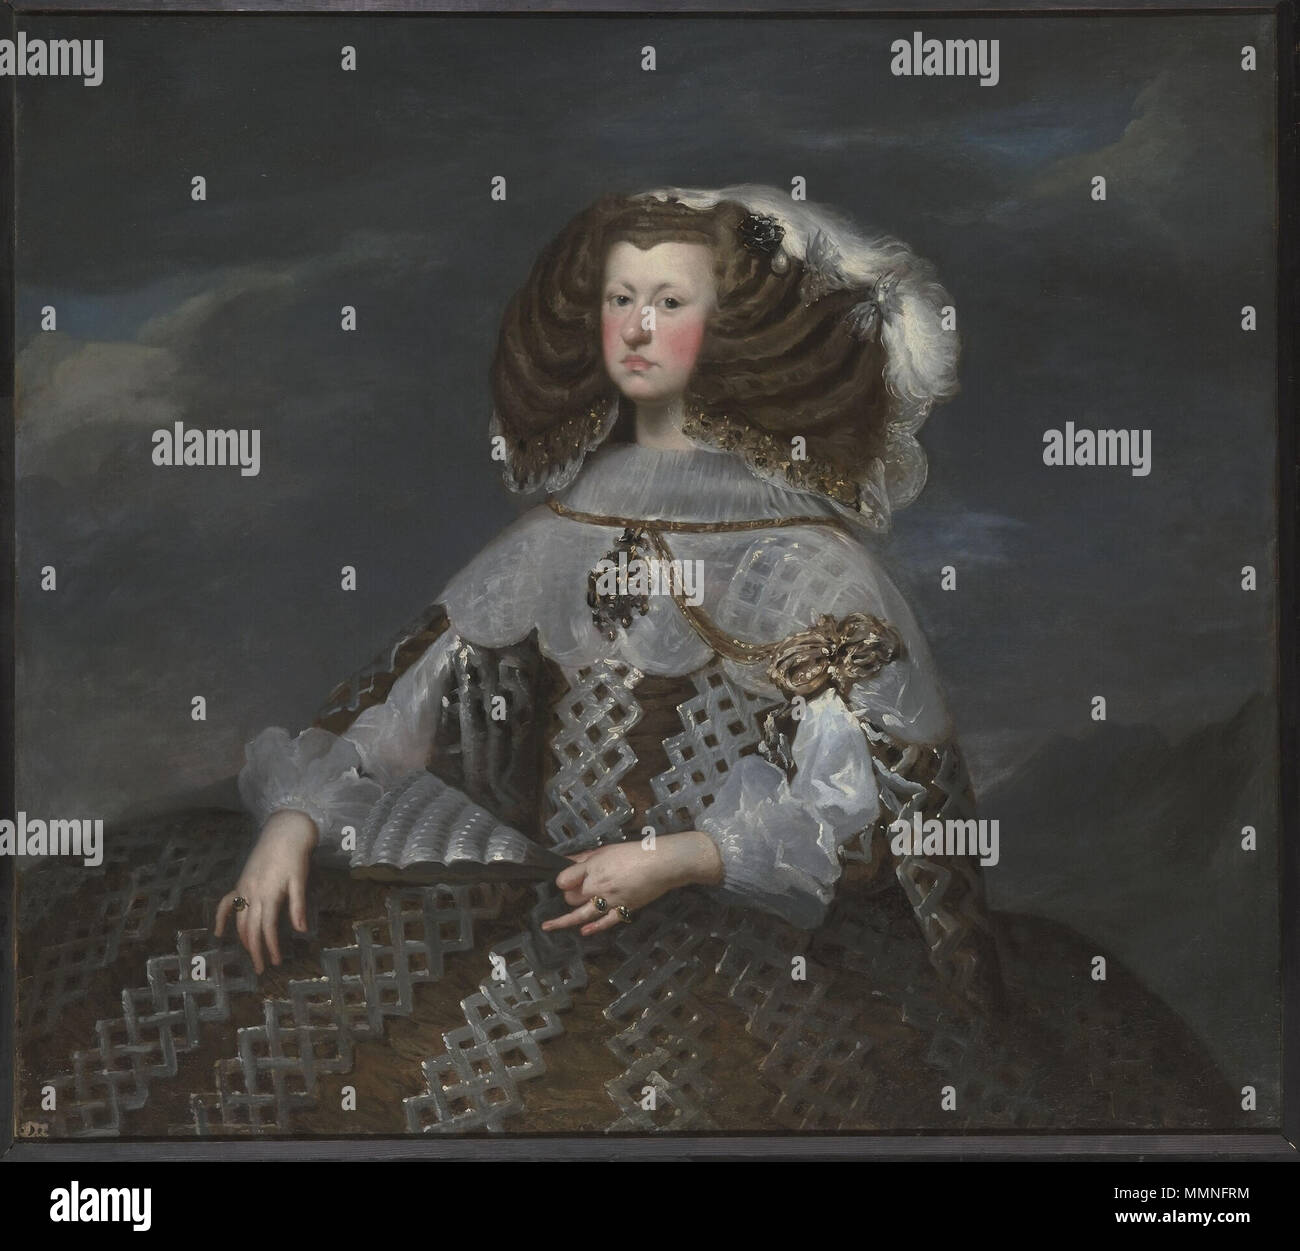 .  Maria Anna, Archduchess of Austria and Queen of Spain, second wife of King Felipe IV. of Spain, mother of King Carlos II. of Spain Type d'objet tableau Auteur / Exécutant VELASQUEZ Diego Précision auteur Séville, 1599; Madrid, 1660 Ecole Espagne Titre MARIE-ANNE D'AUTRICHE, REINE D'ESPAGNE (1635-1696) , DITE AUTREFOIS MARGUERITE D'AUTRICHE, REINE D'ESPAGNE Inscription inscription donnant l'identité du modèle (ancienne) Sujet représenté portrait (Marie-Anne d'Autriche, femme, en buste, de trois-quarts) Lieu de conservation Versailles; musée national du château et des Trianons Musée de Fran Stock Photo